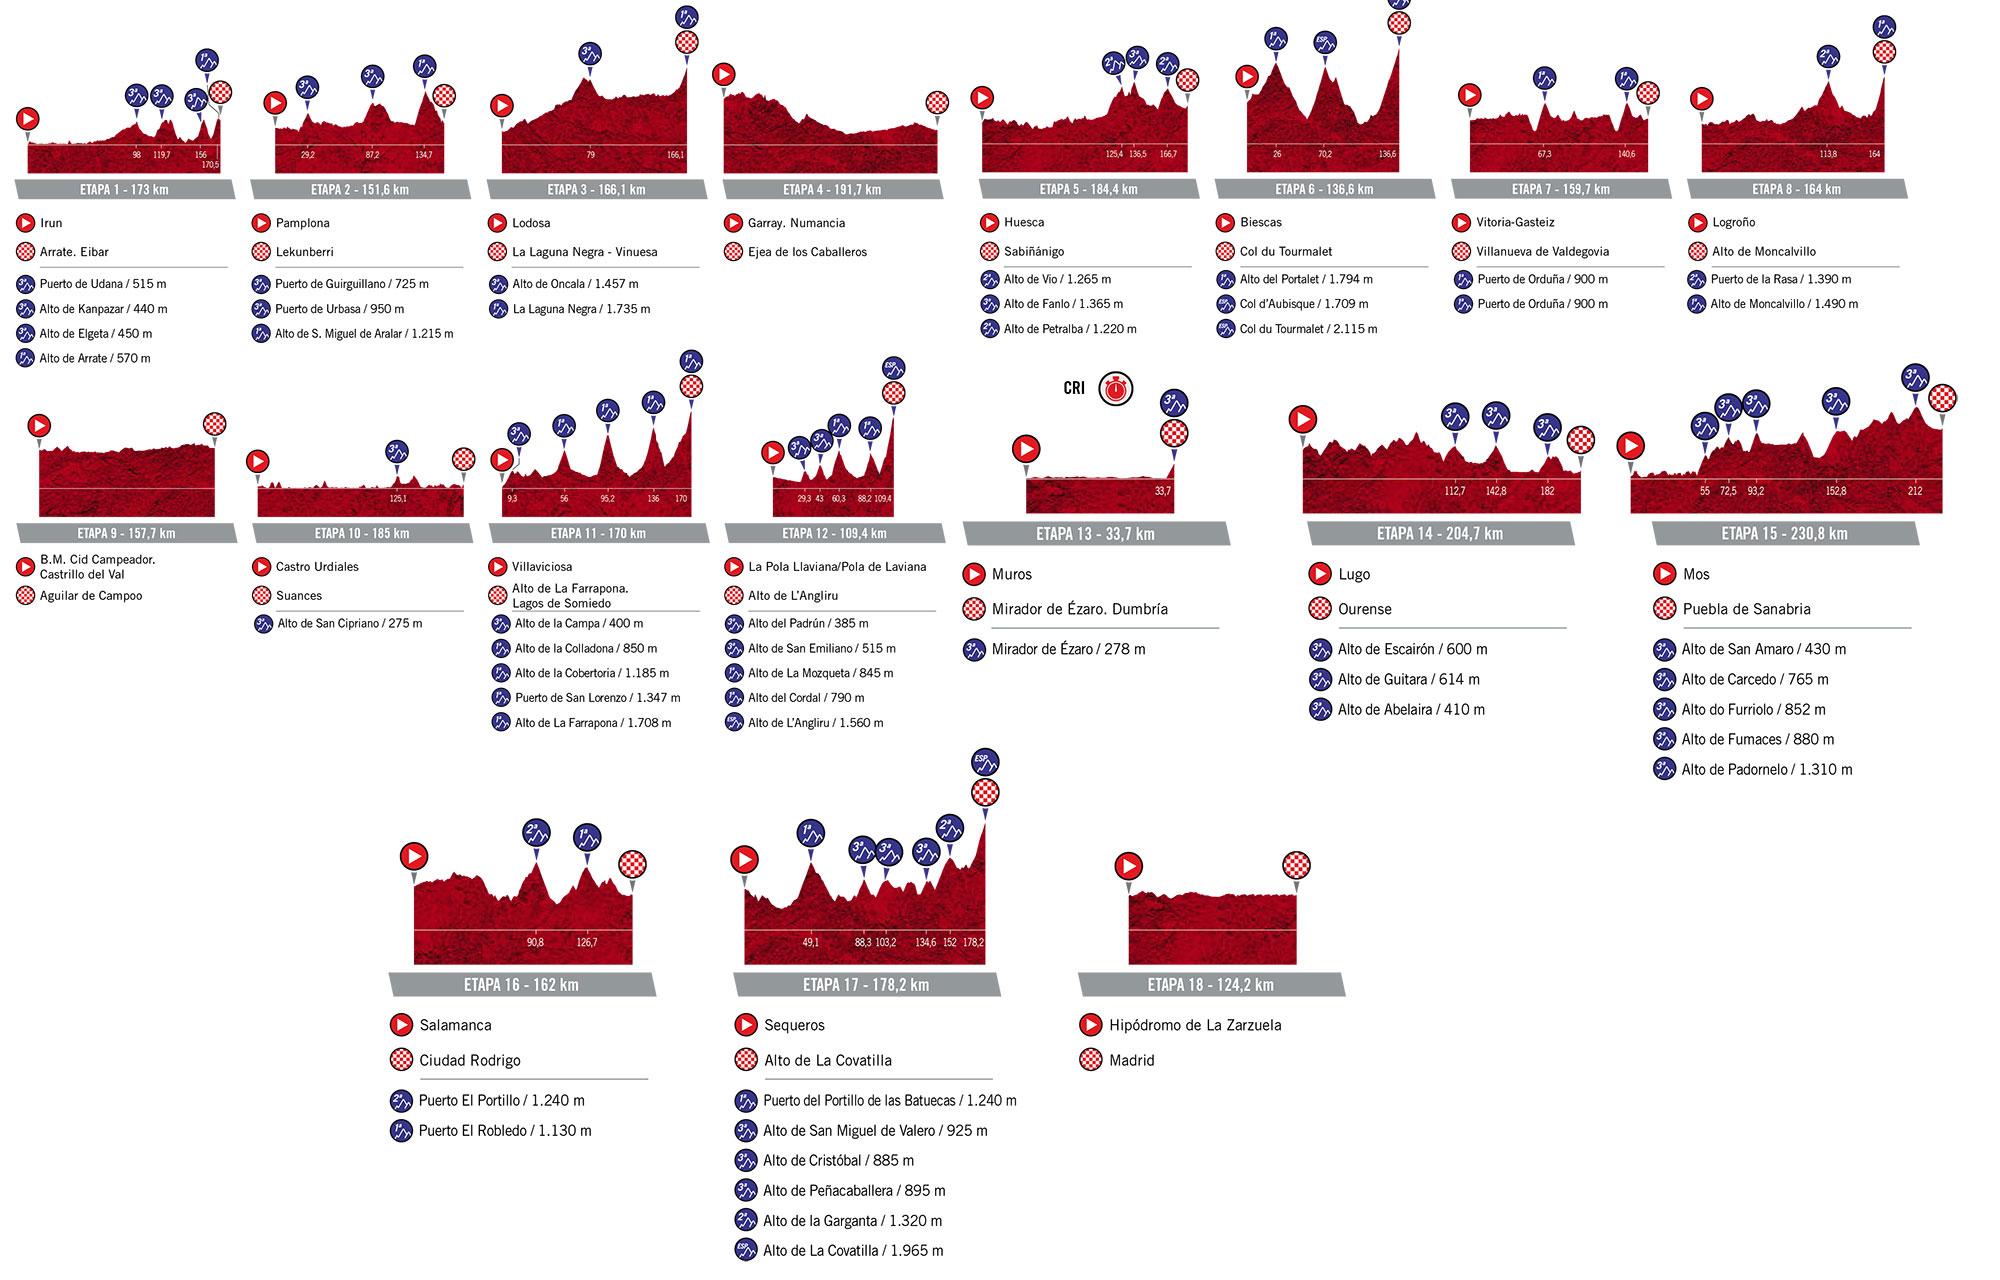 Etapas de la Vuelta a España 2020